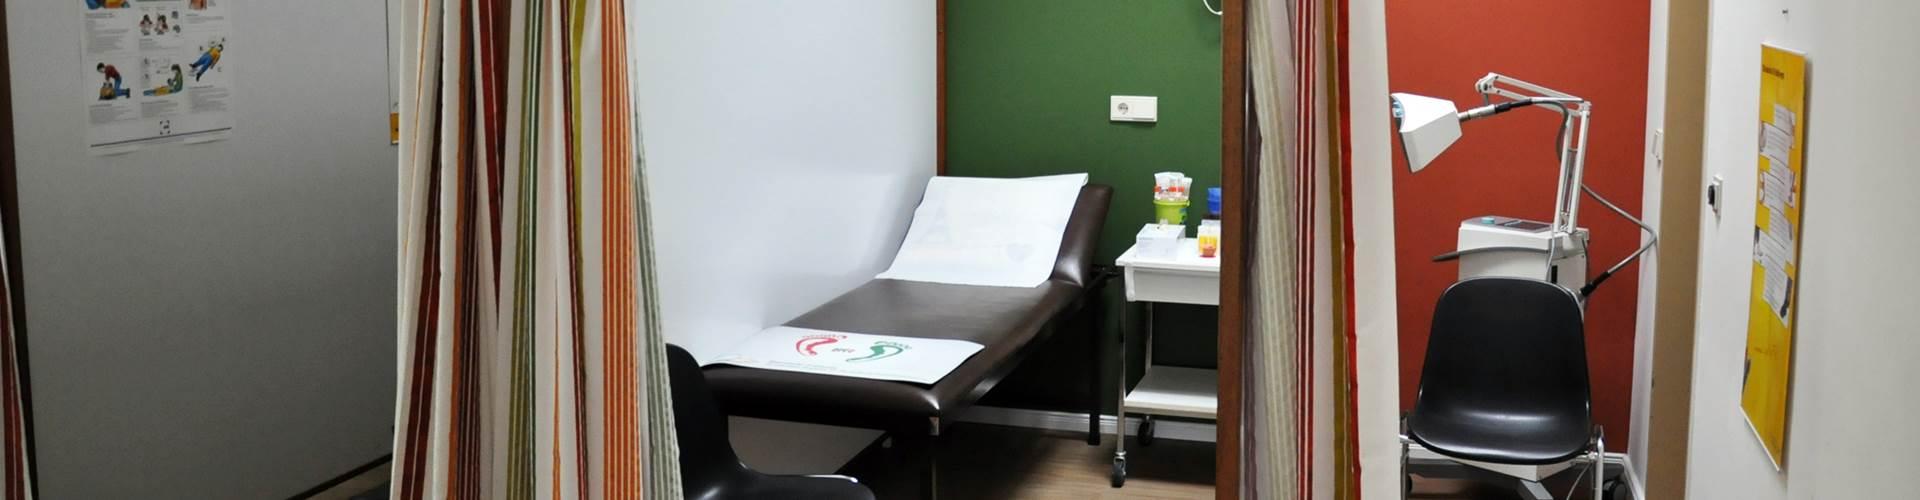 Arztpraxis Wankendorf Behandlungsräume